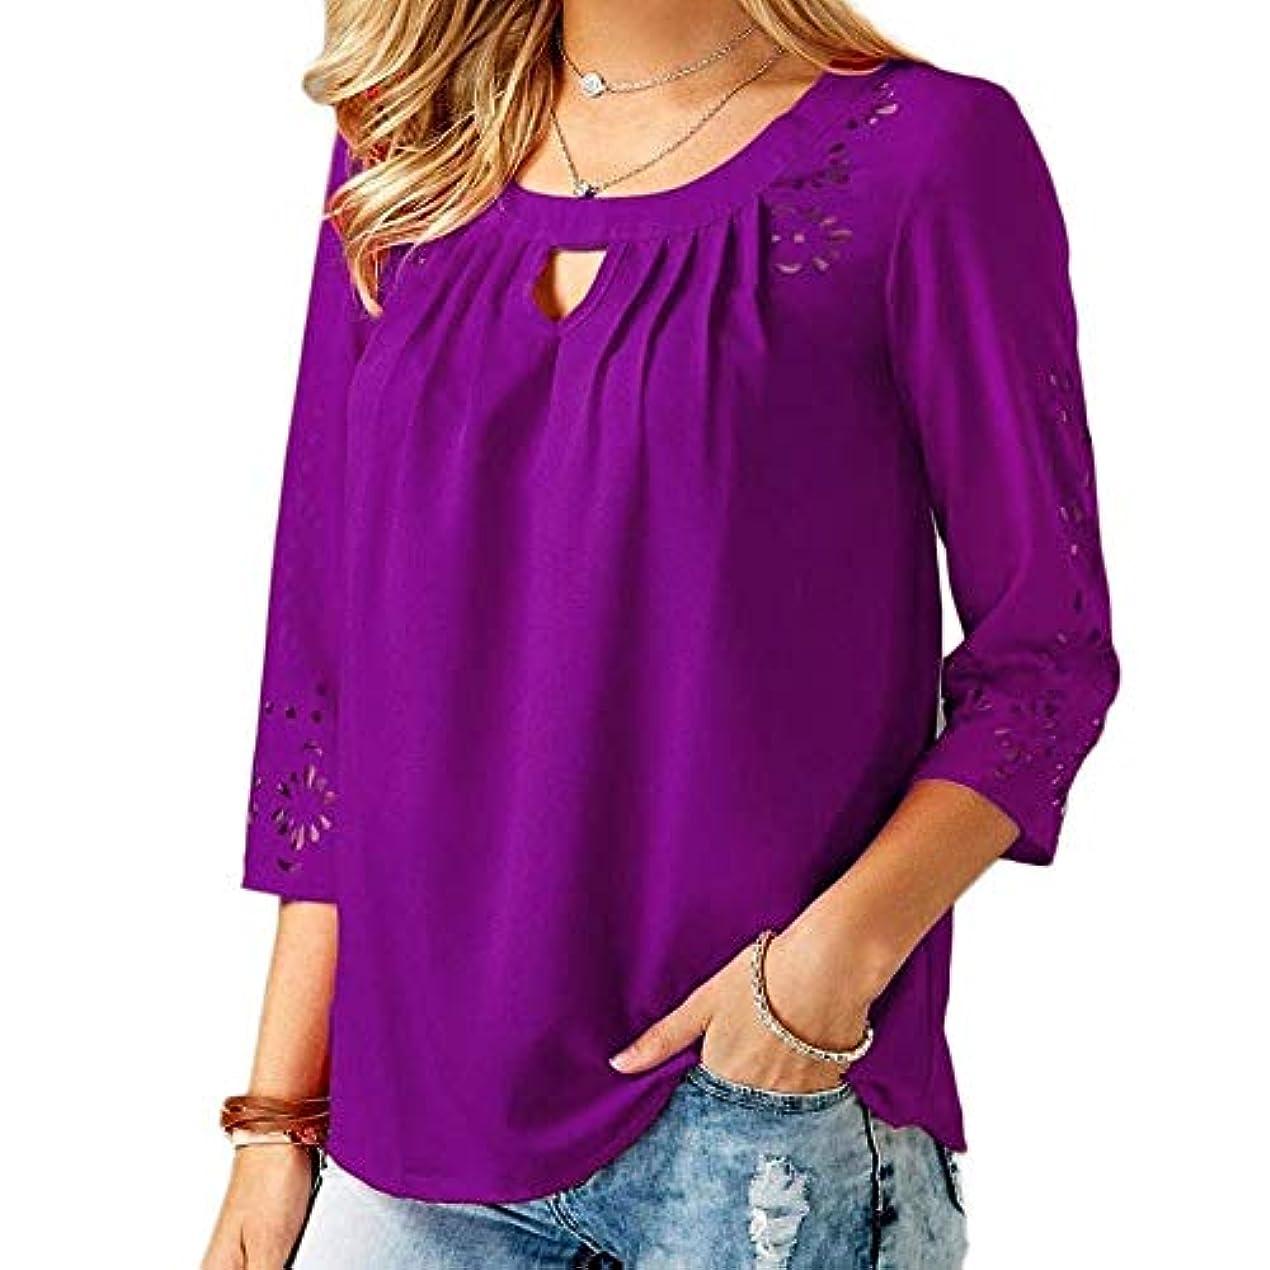 に対してマークダウン工夫するMIFAN ゆったりTシャツ、シフォンシャツ、カジュアルシャツ、女性トップ、プラスサイズトップ